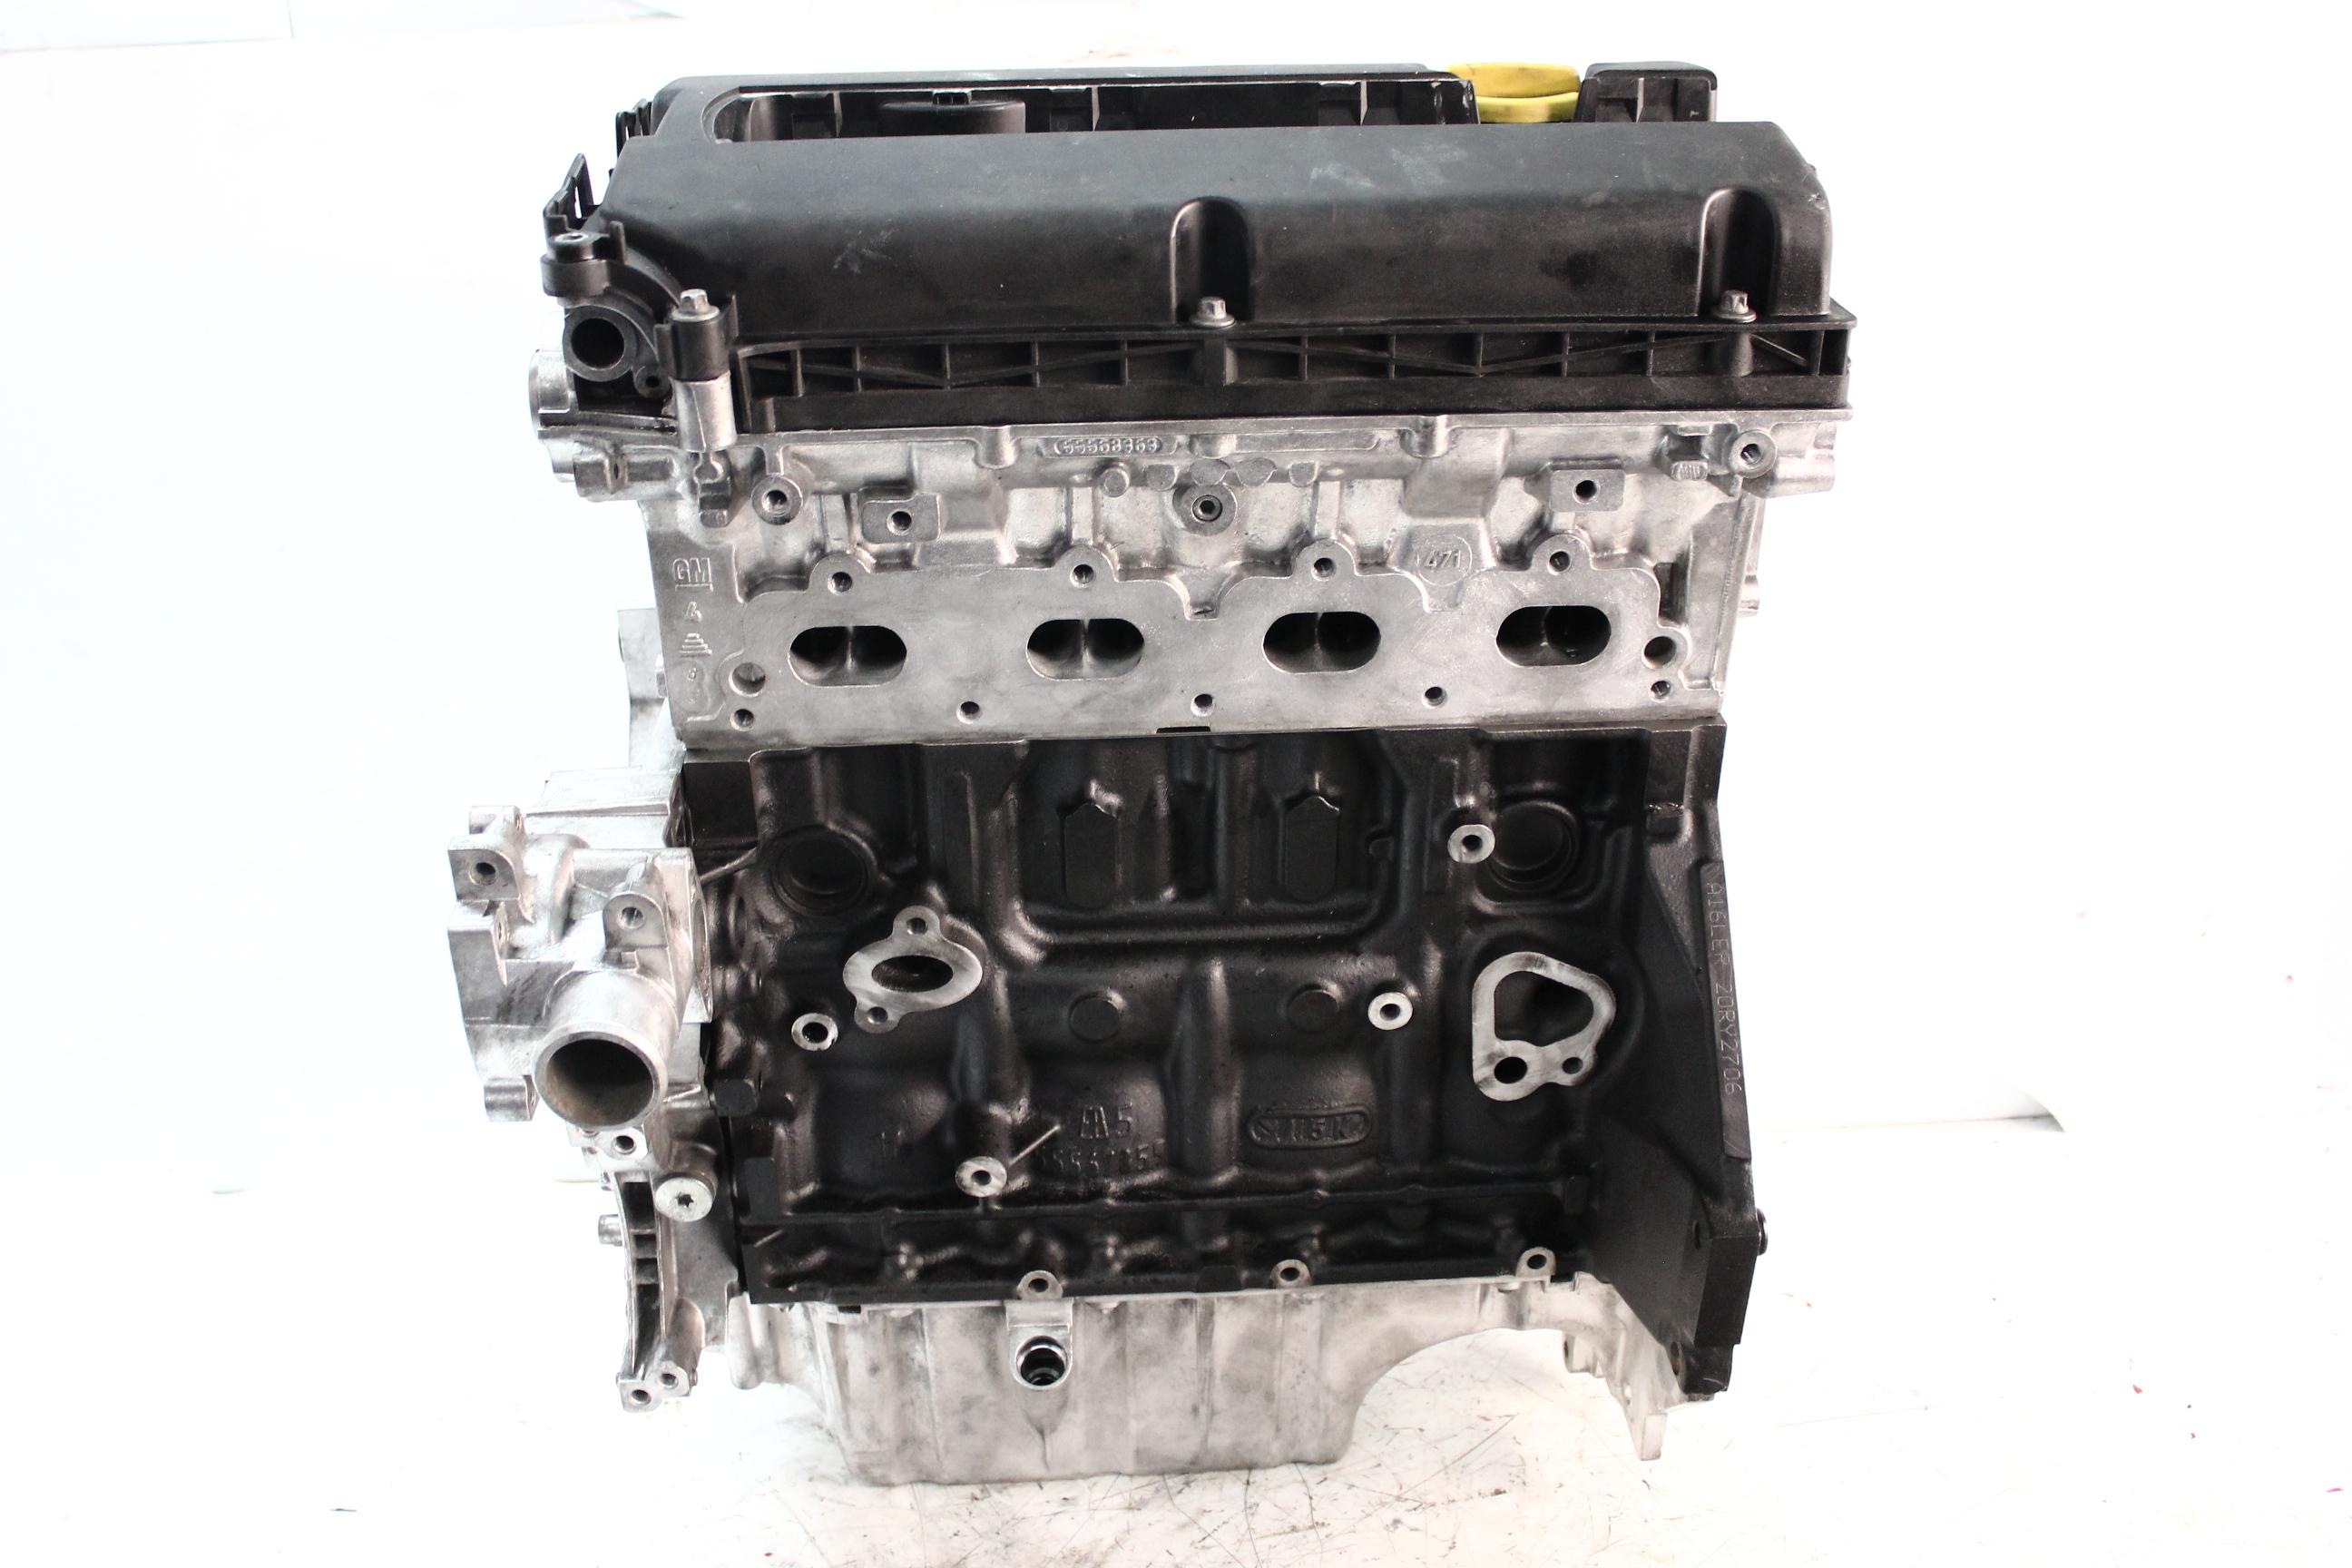 Motor 2010 Opel Corsa D 1,6 Turbo Benzin A16LER A16 Kopf geplant Dichtungen NEU